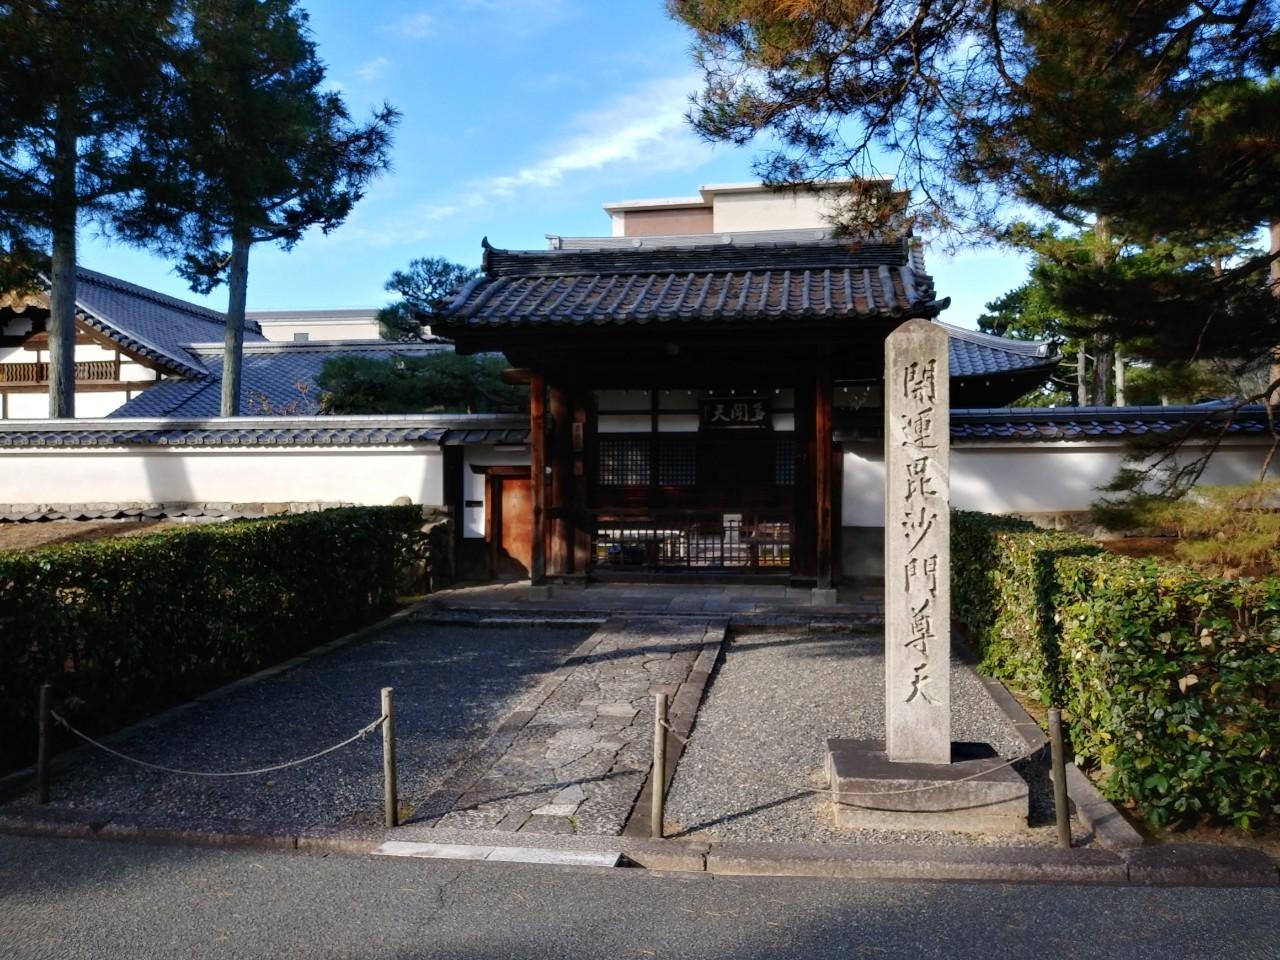 20201128伝統芸能で旅する京都 相国寺養源院